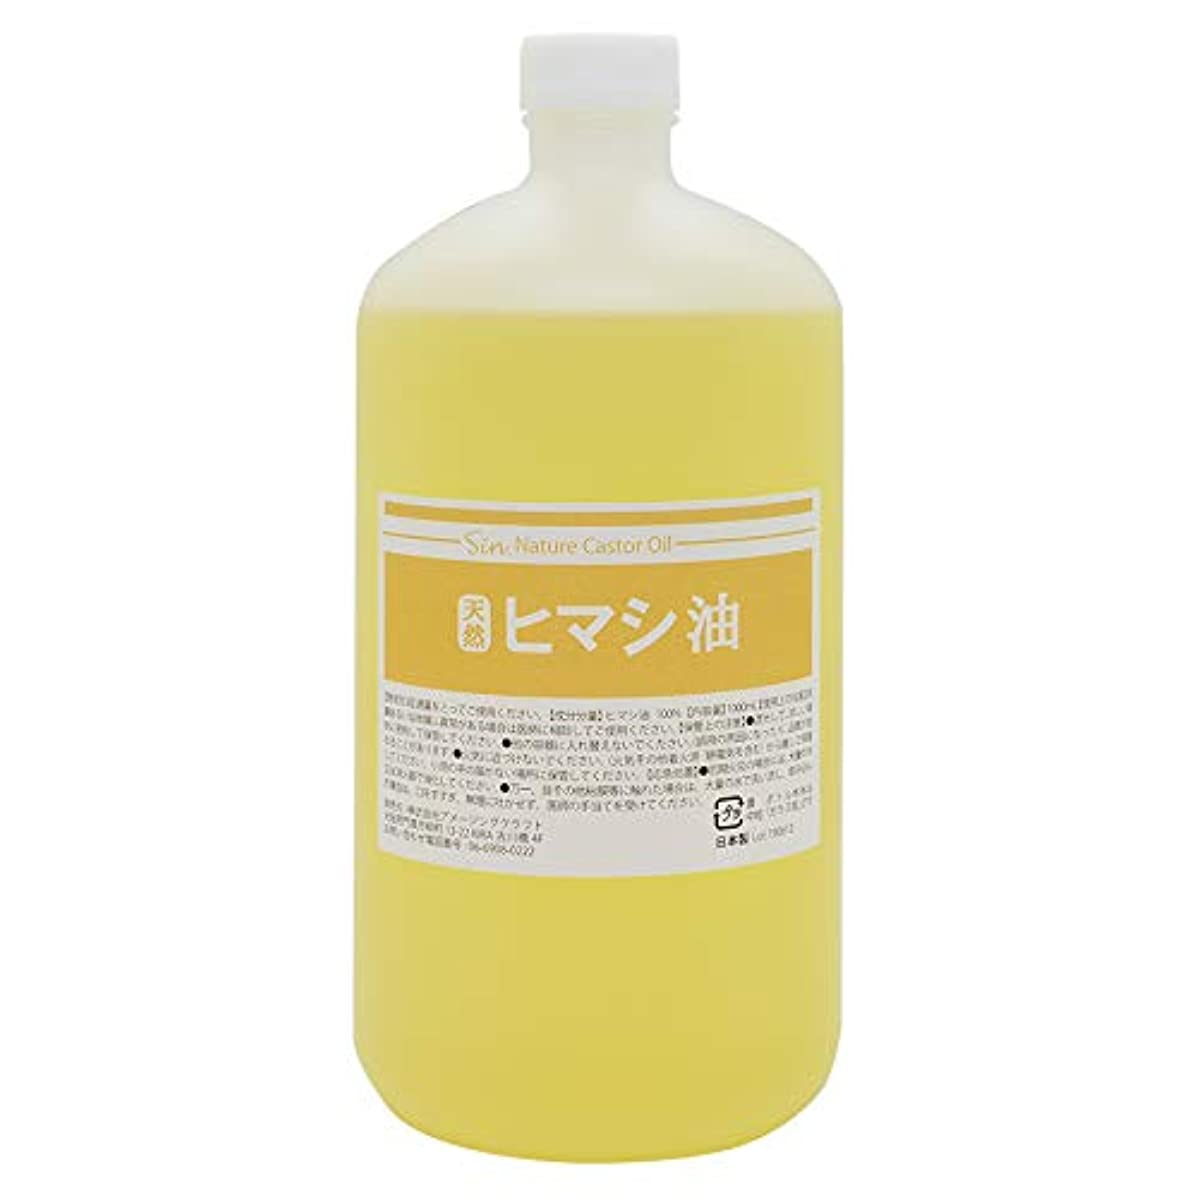 装備する戦争本気天然無添加 国内精製 ひまし油 1000ml (ヒマシ油 キャスターオイル)